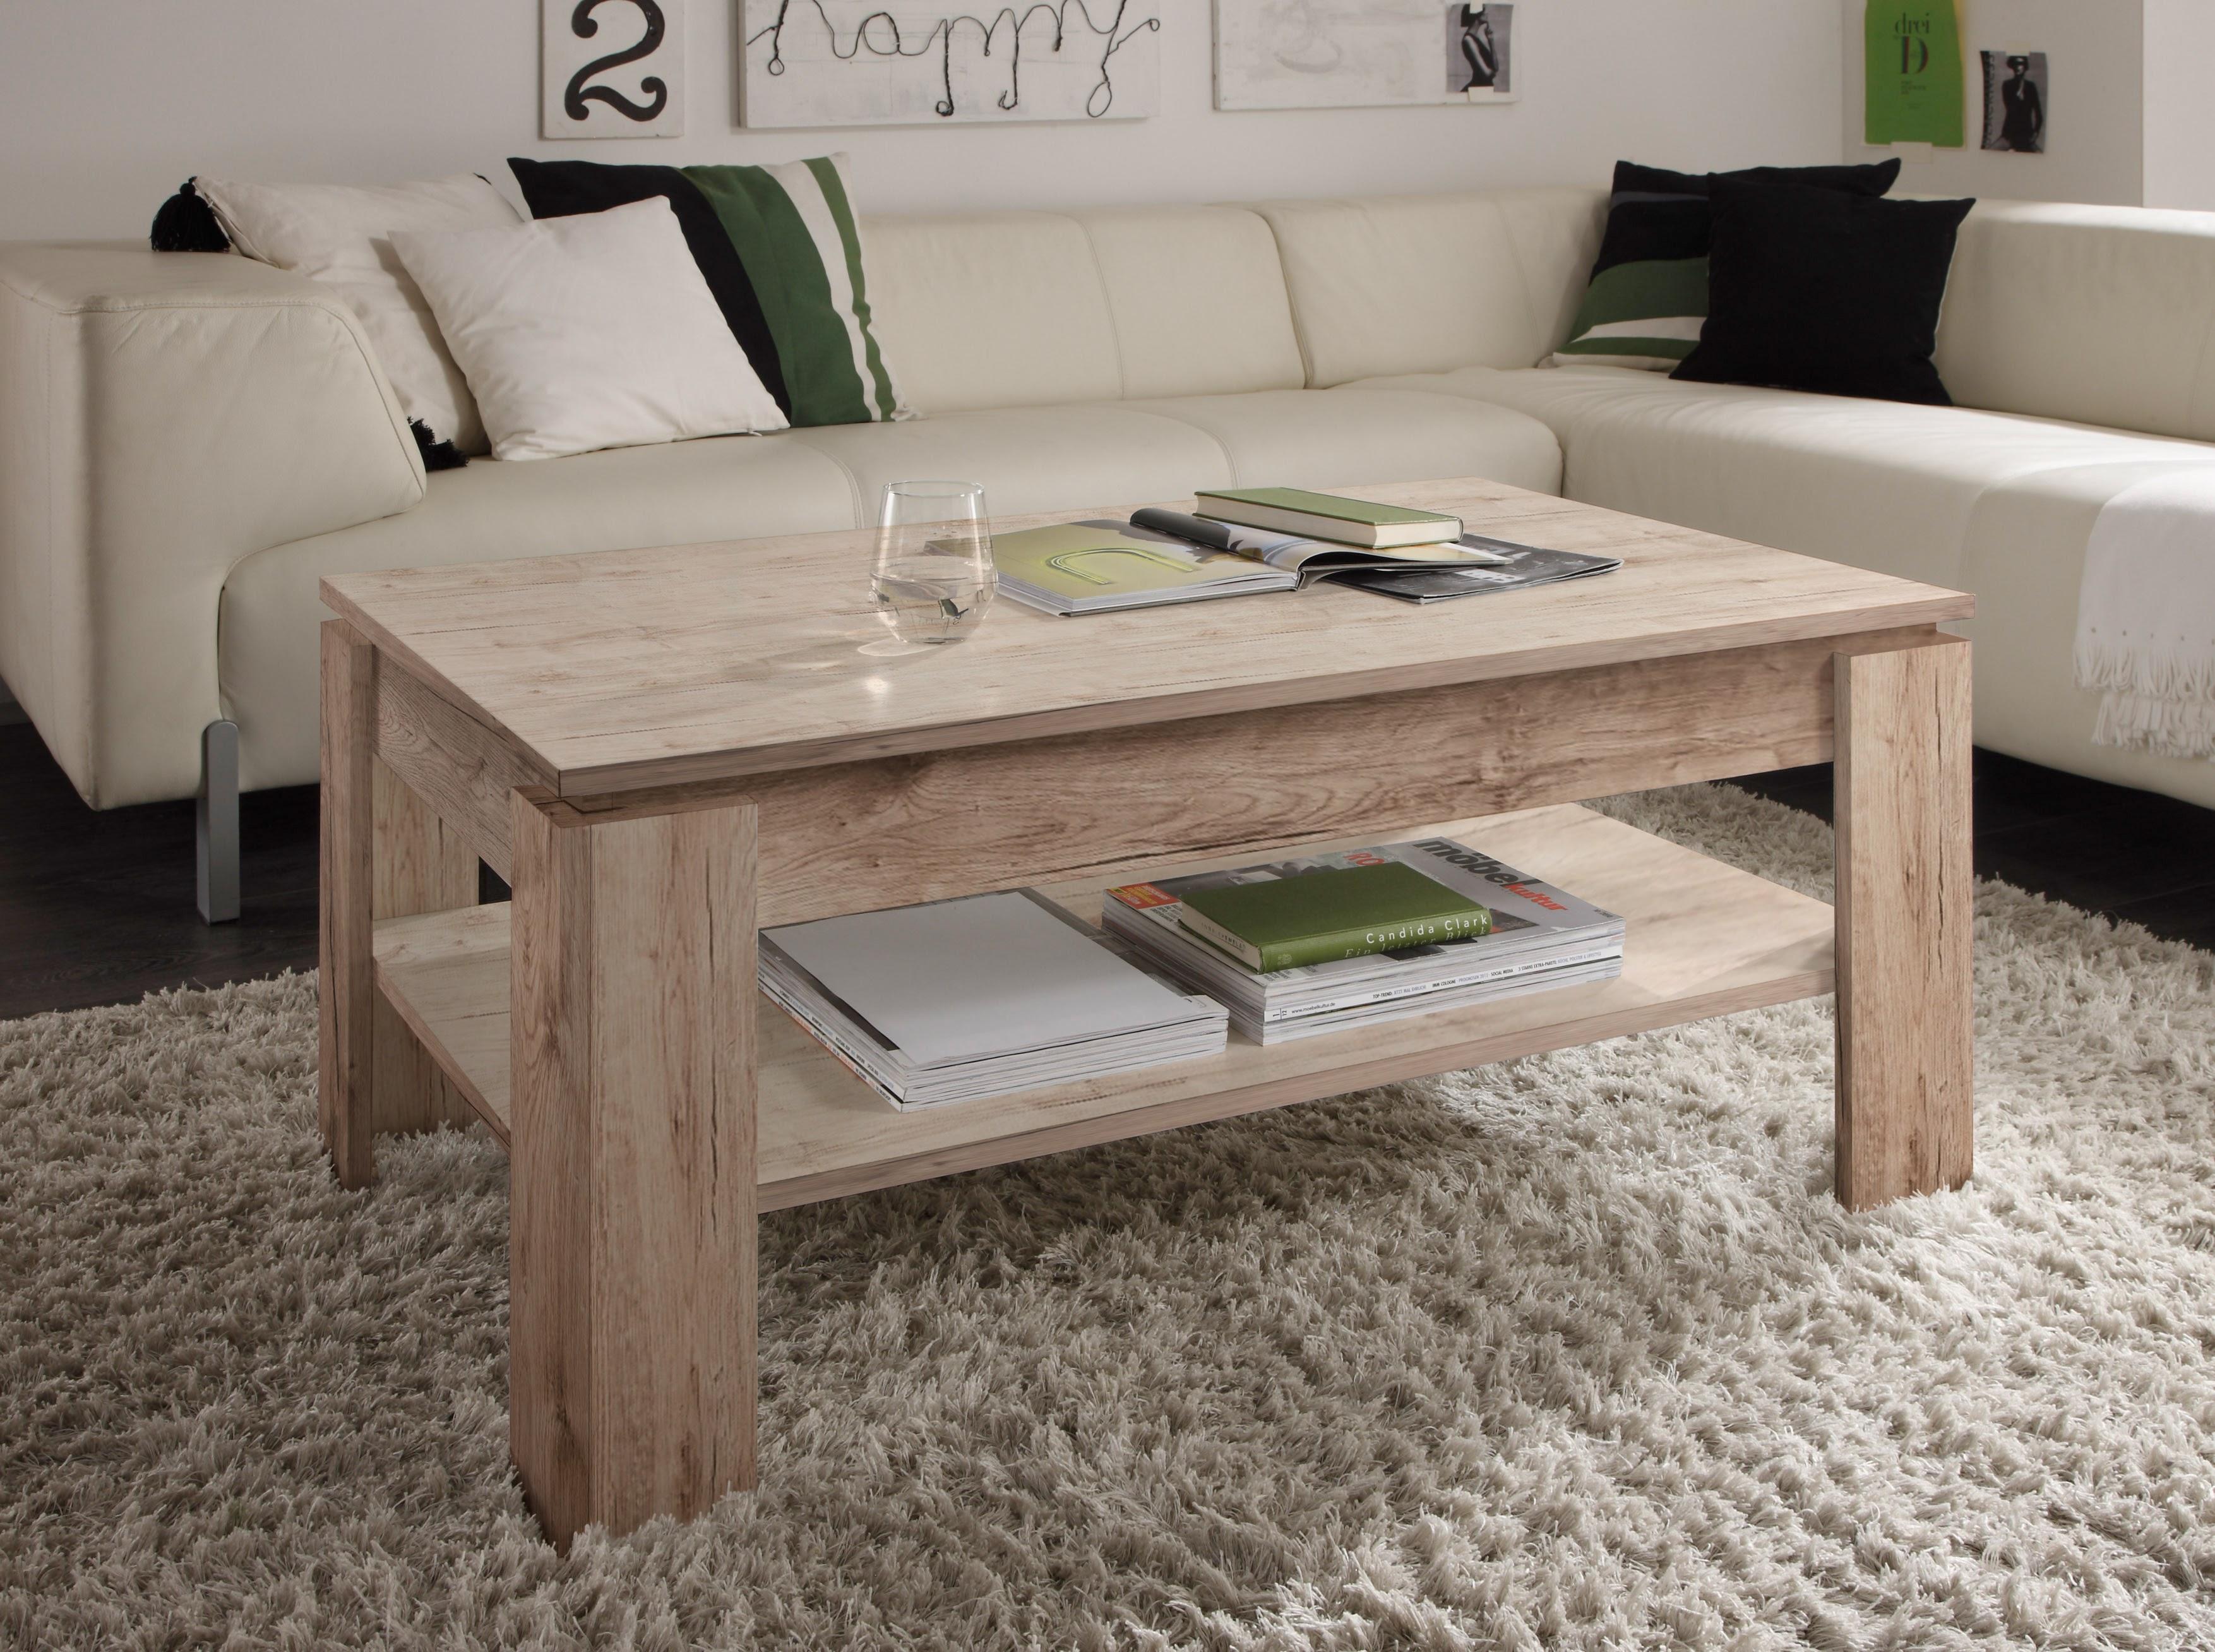 couchtisch universal von trendteam eiche san remo sand. Black Bedroom Furniture Sets. Home Design Ideas